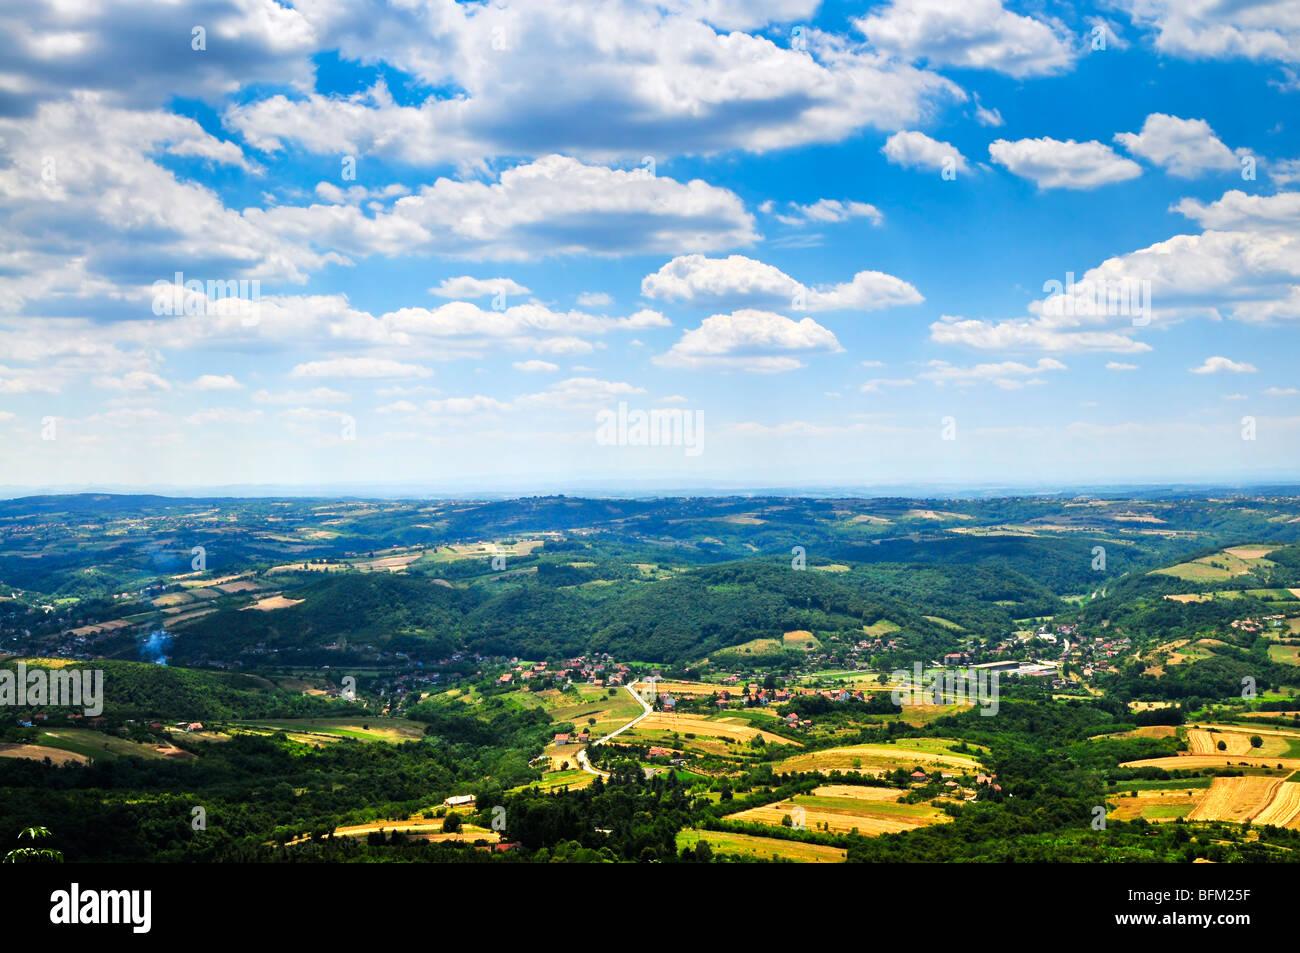 Landschaftsansicht der serbischen ländlichen mit Bauernhöfen und Städte Stockbild